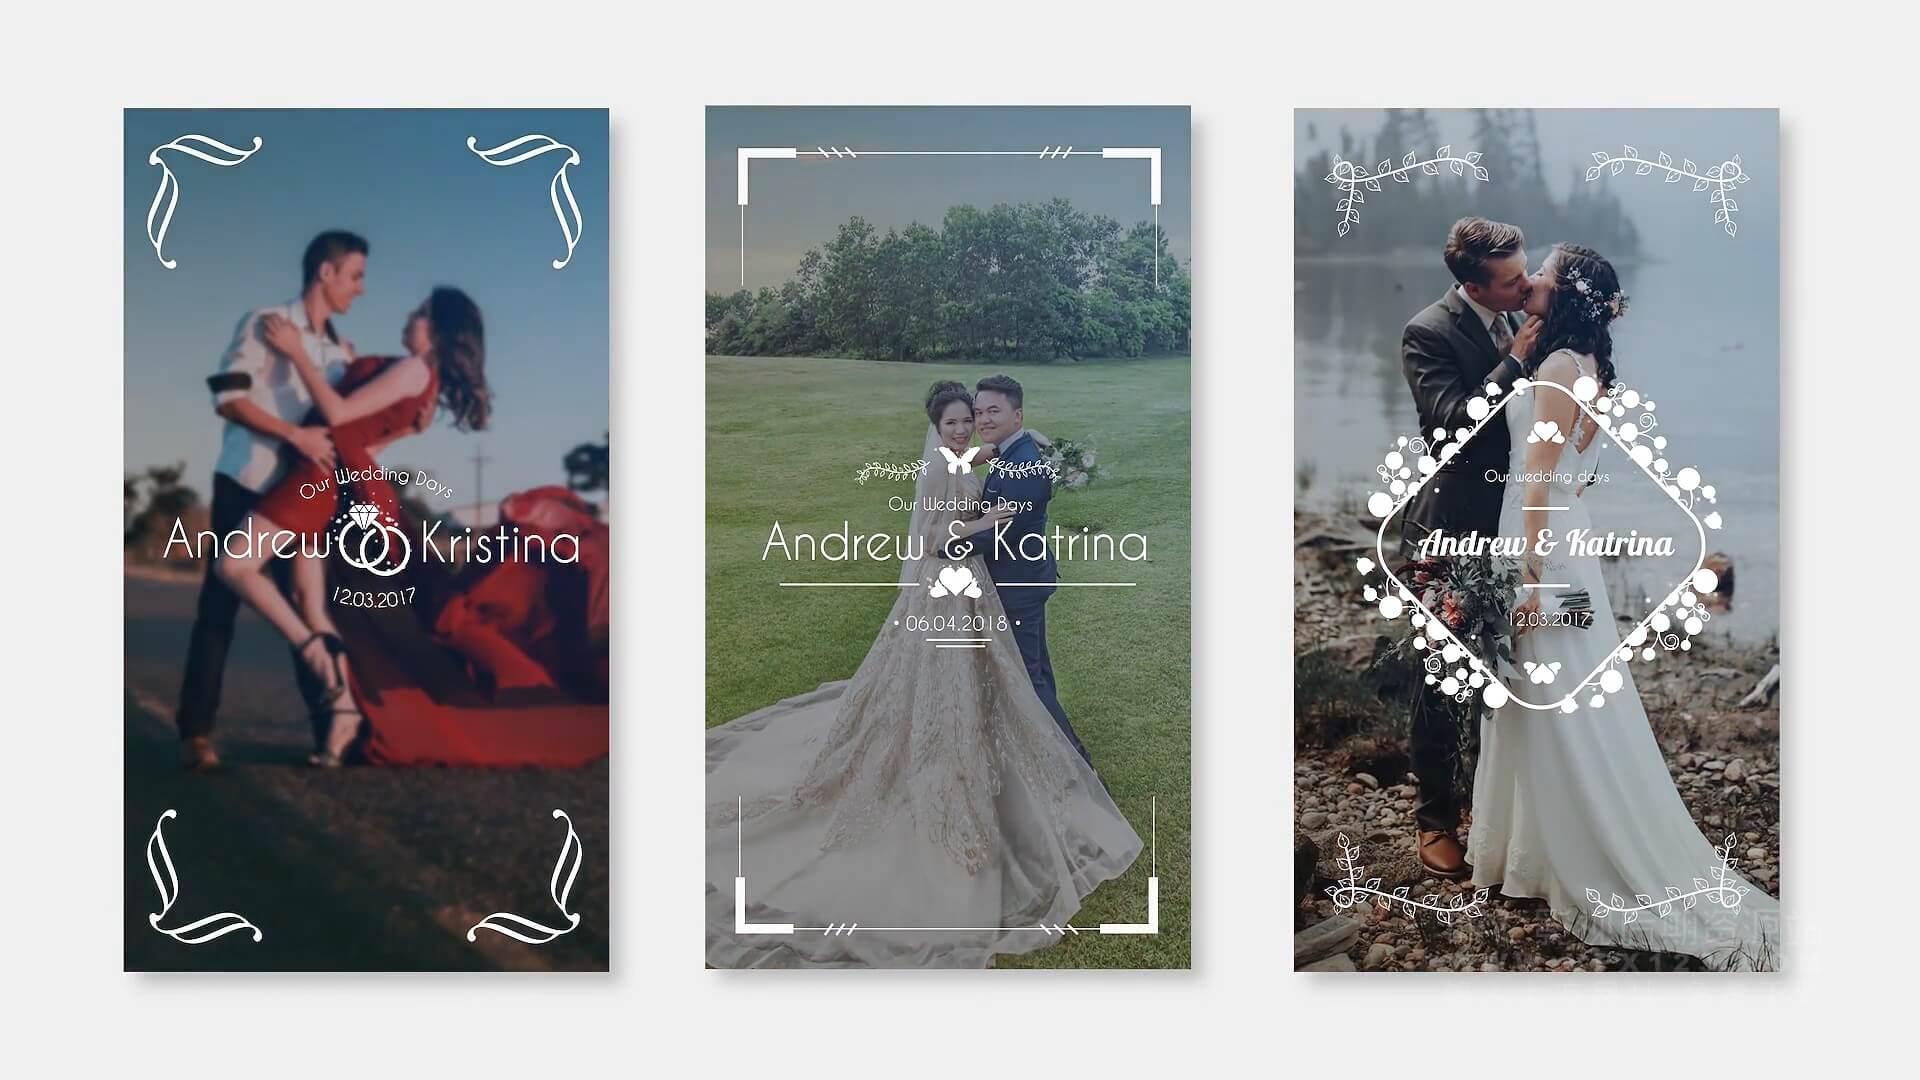 Ae模板 20个婚礼人名相册标题模板适用竖屏手机